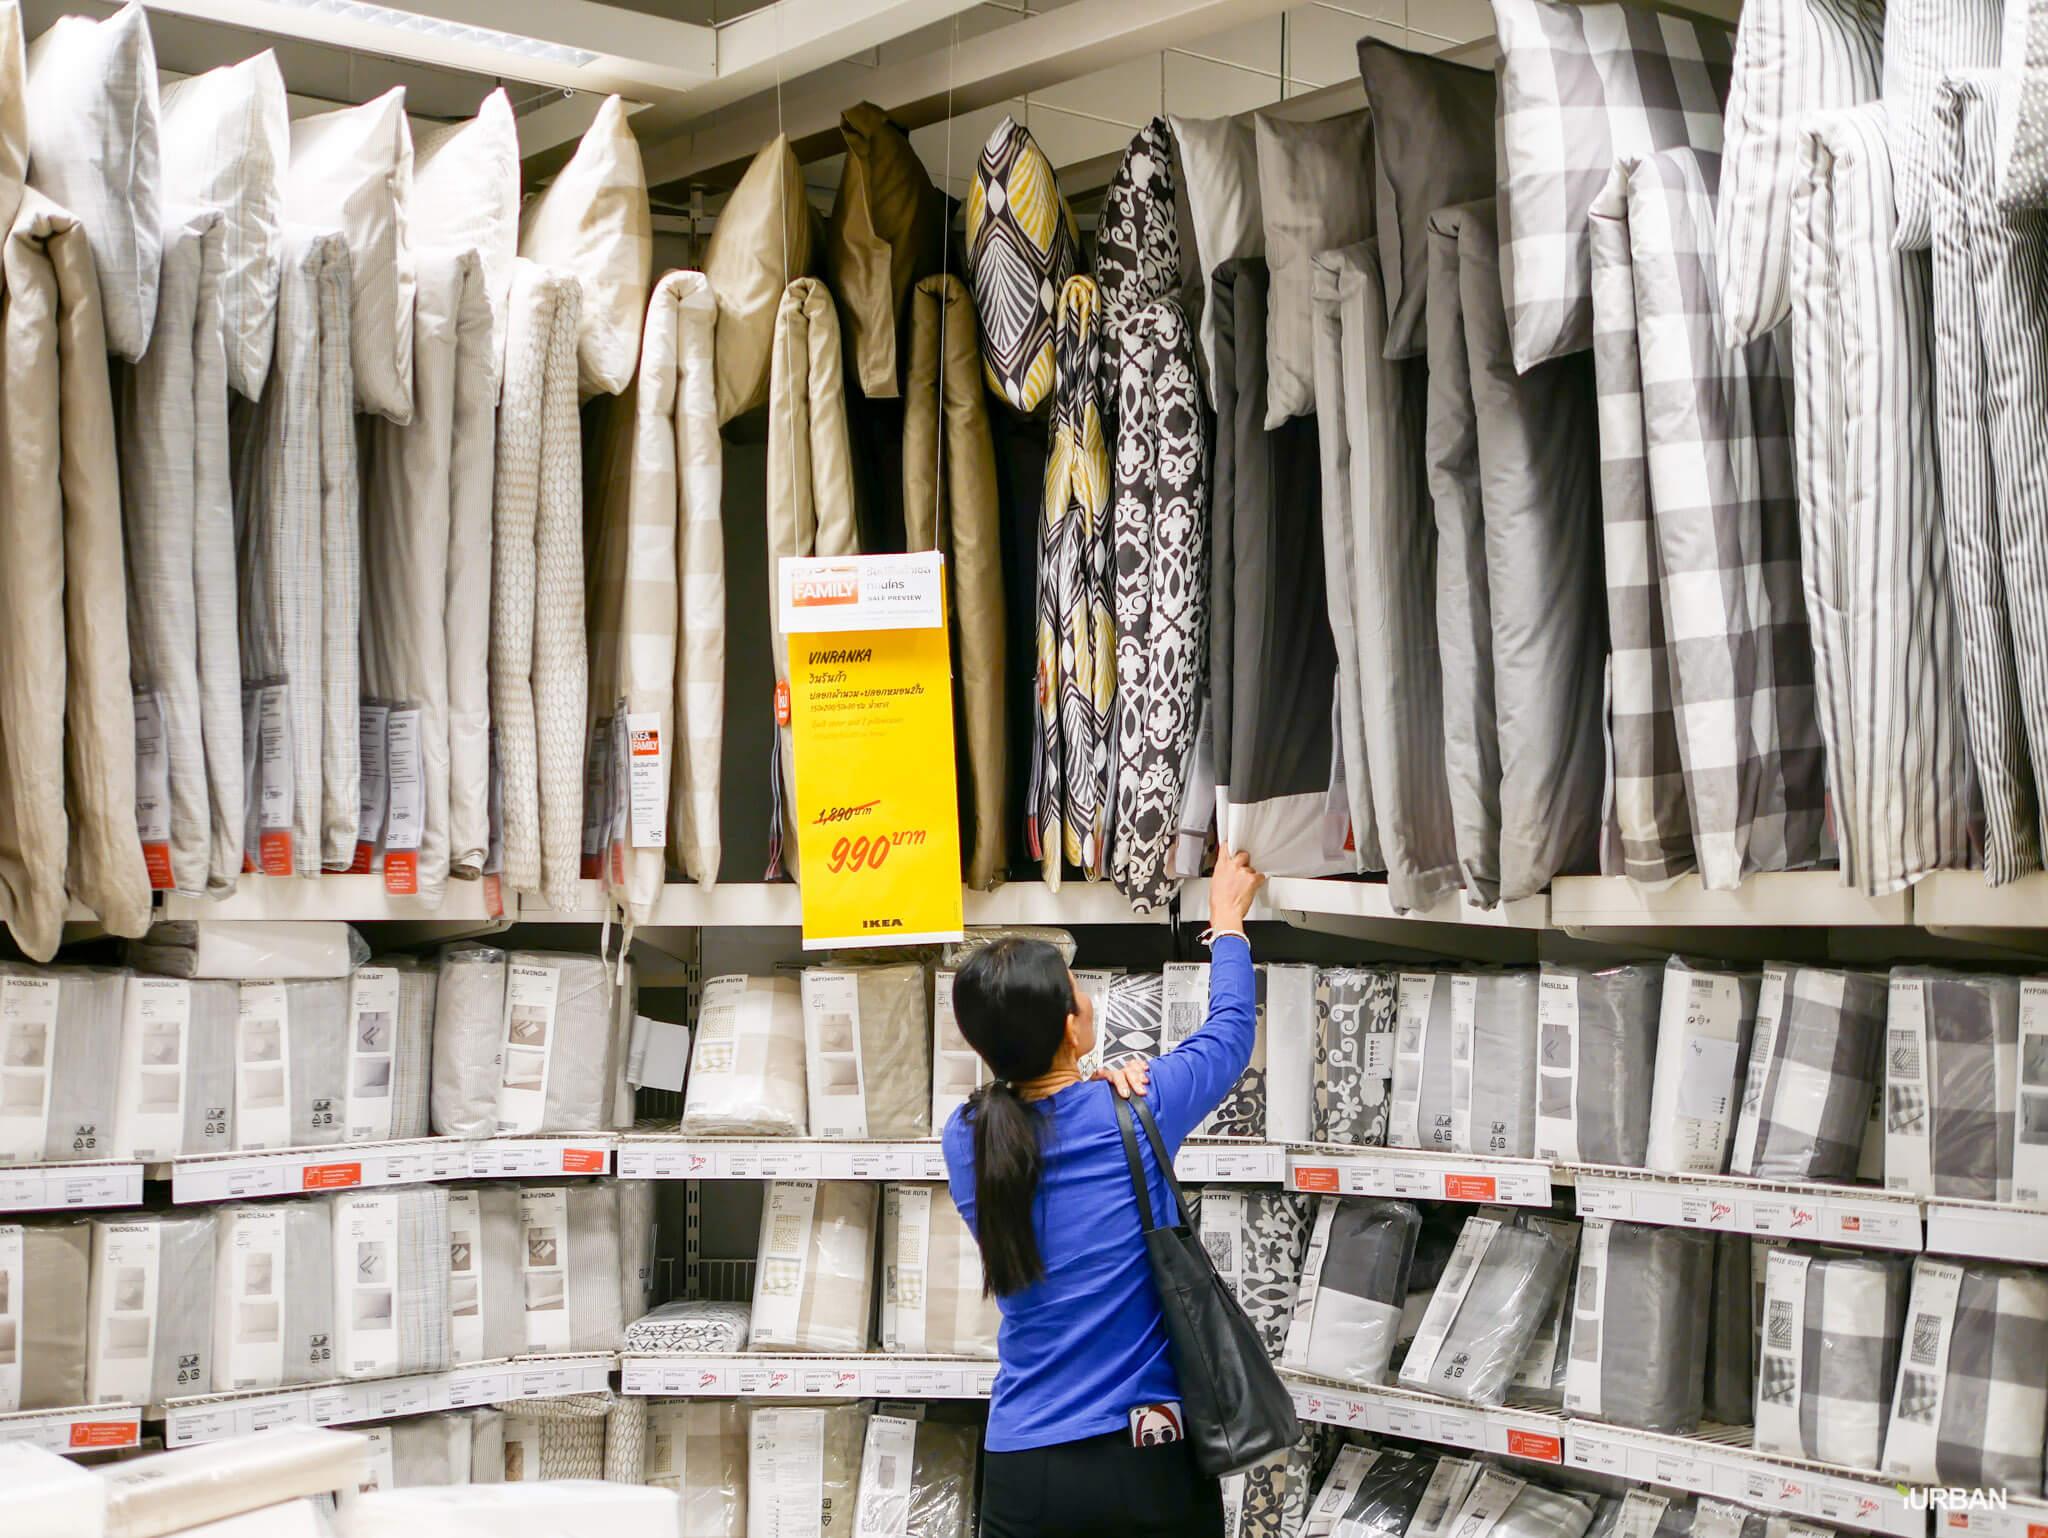 มันเยอะมากกกก!! IKEA Year End SALE 2017 รวมของเซลในอิเกีย ลดเยอะ ลดแหลก รีบพุ่งตัวไป วันนี้ - 7 มกราคม 61 137 - IKEA (อิเกีย)